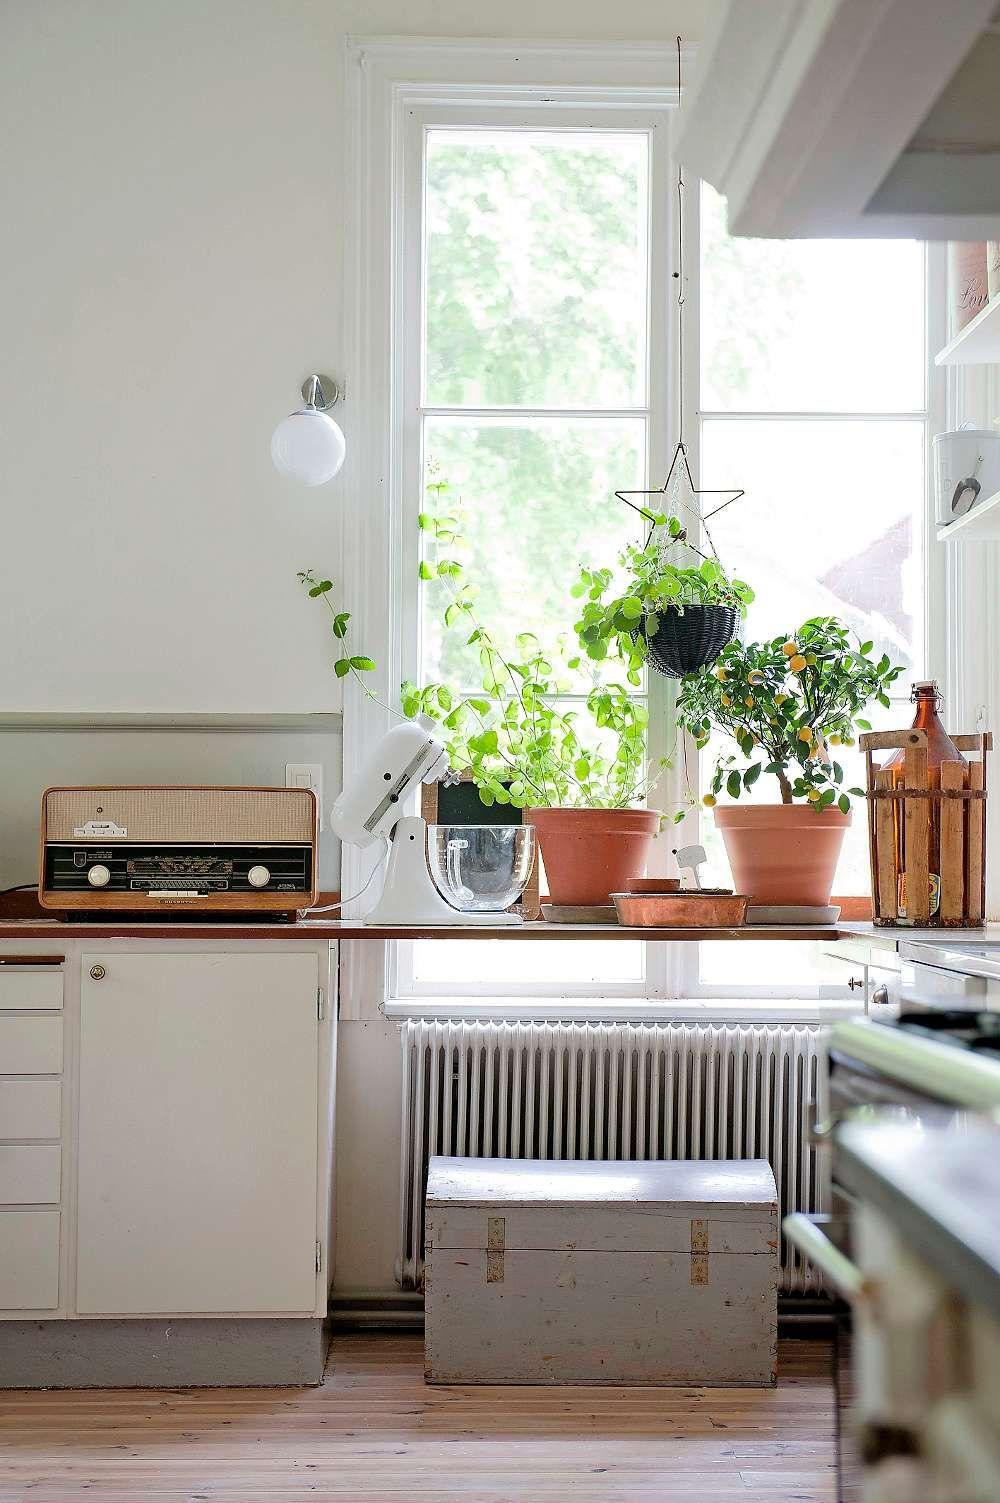 Radion från 60-talet som köpts på auktion fungerar perfekt. Vägglampan vid fönstret följde med huset och kistan rymmer alla kokböcker.